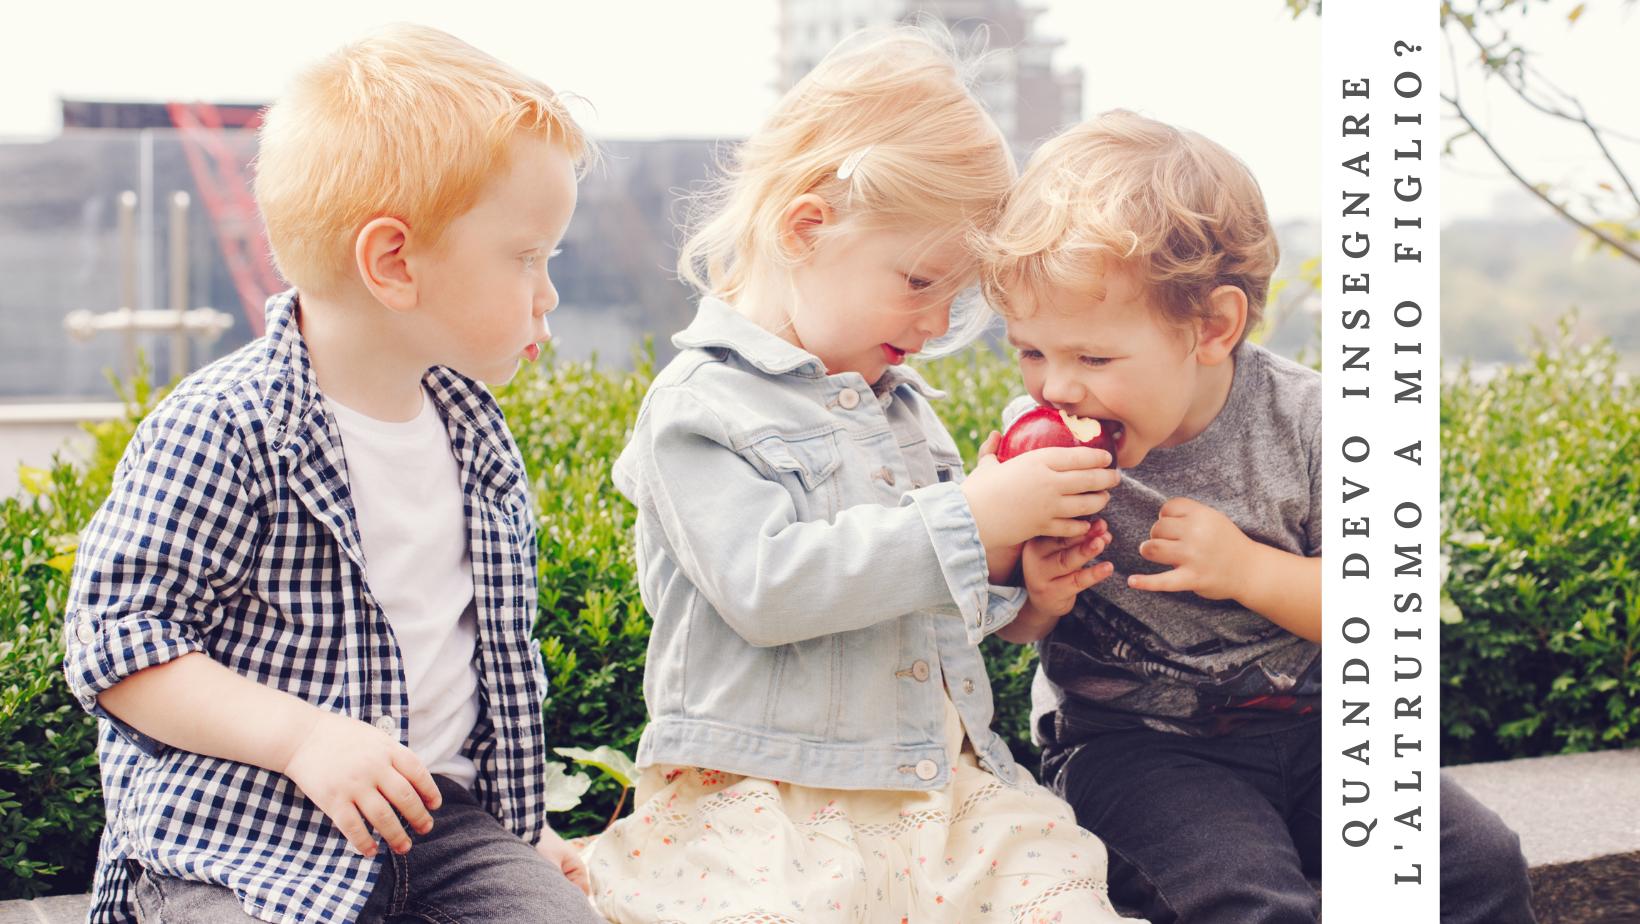 Quando insegnare l'altruismo a tuo figlio